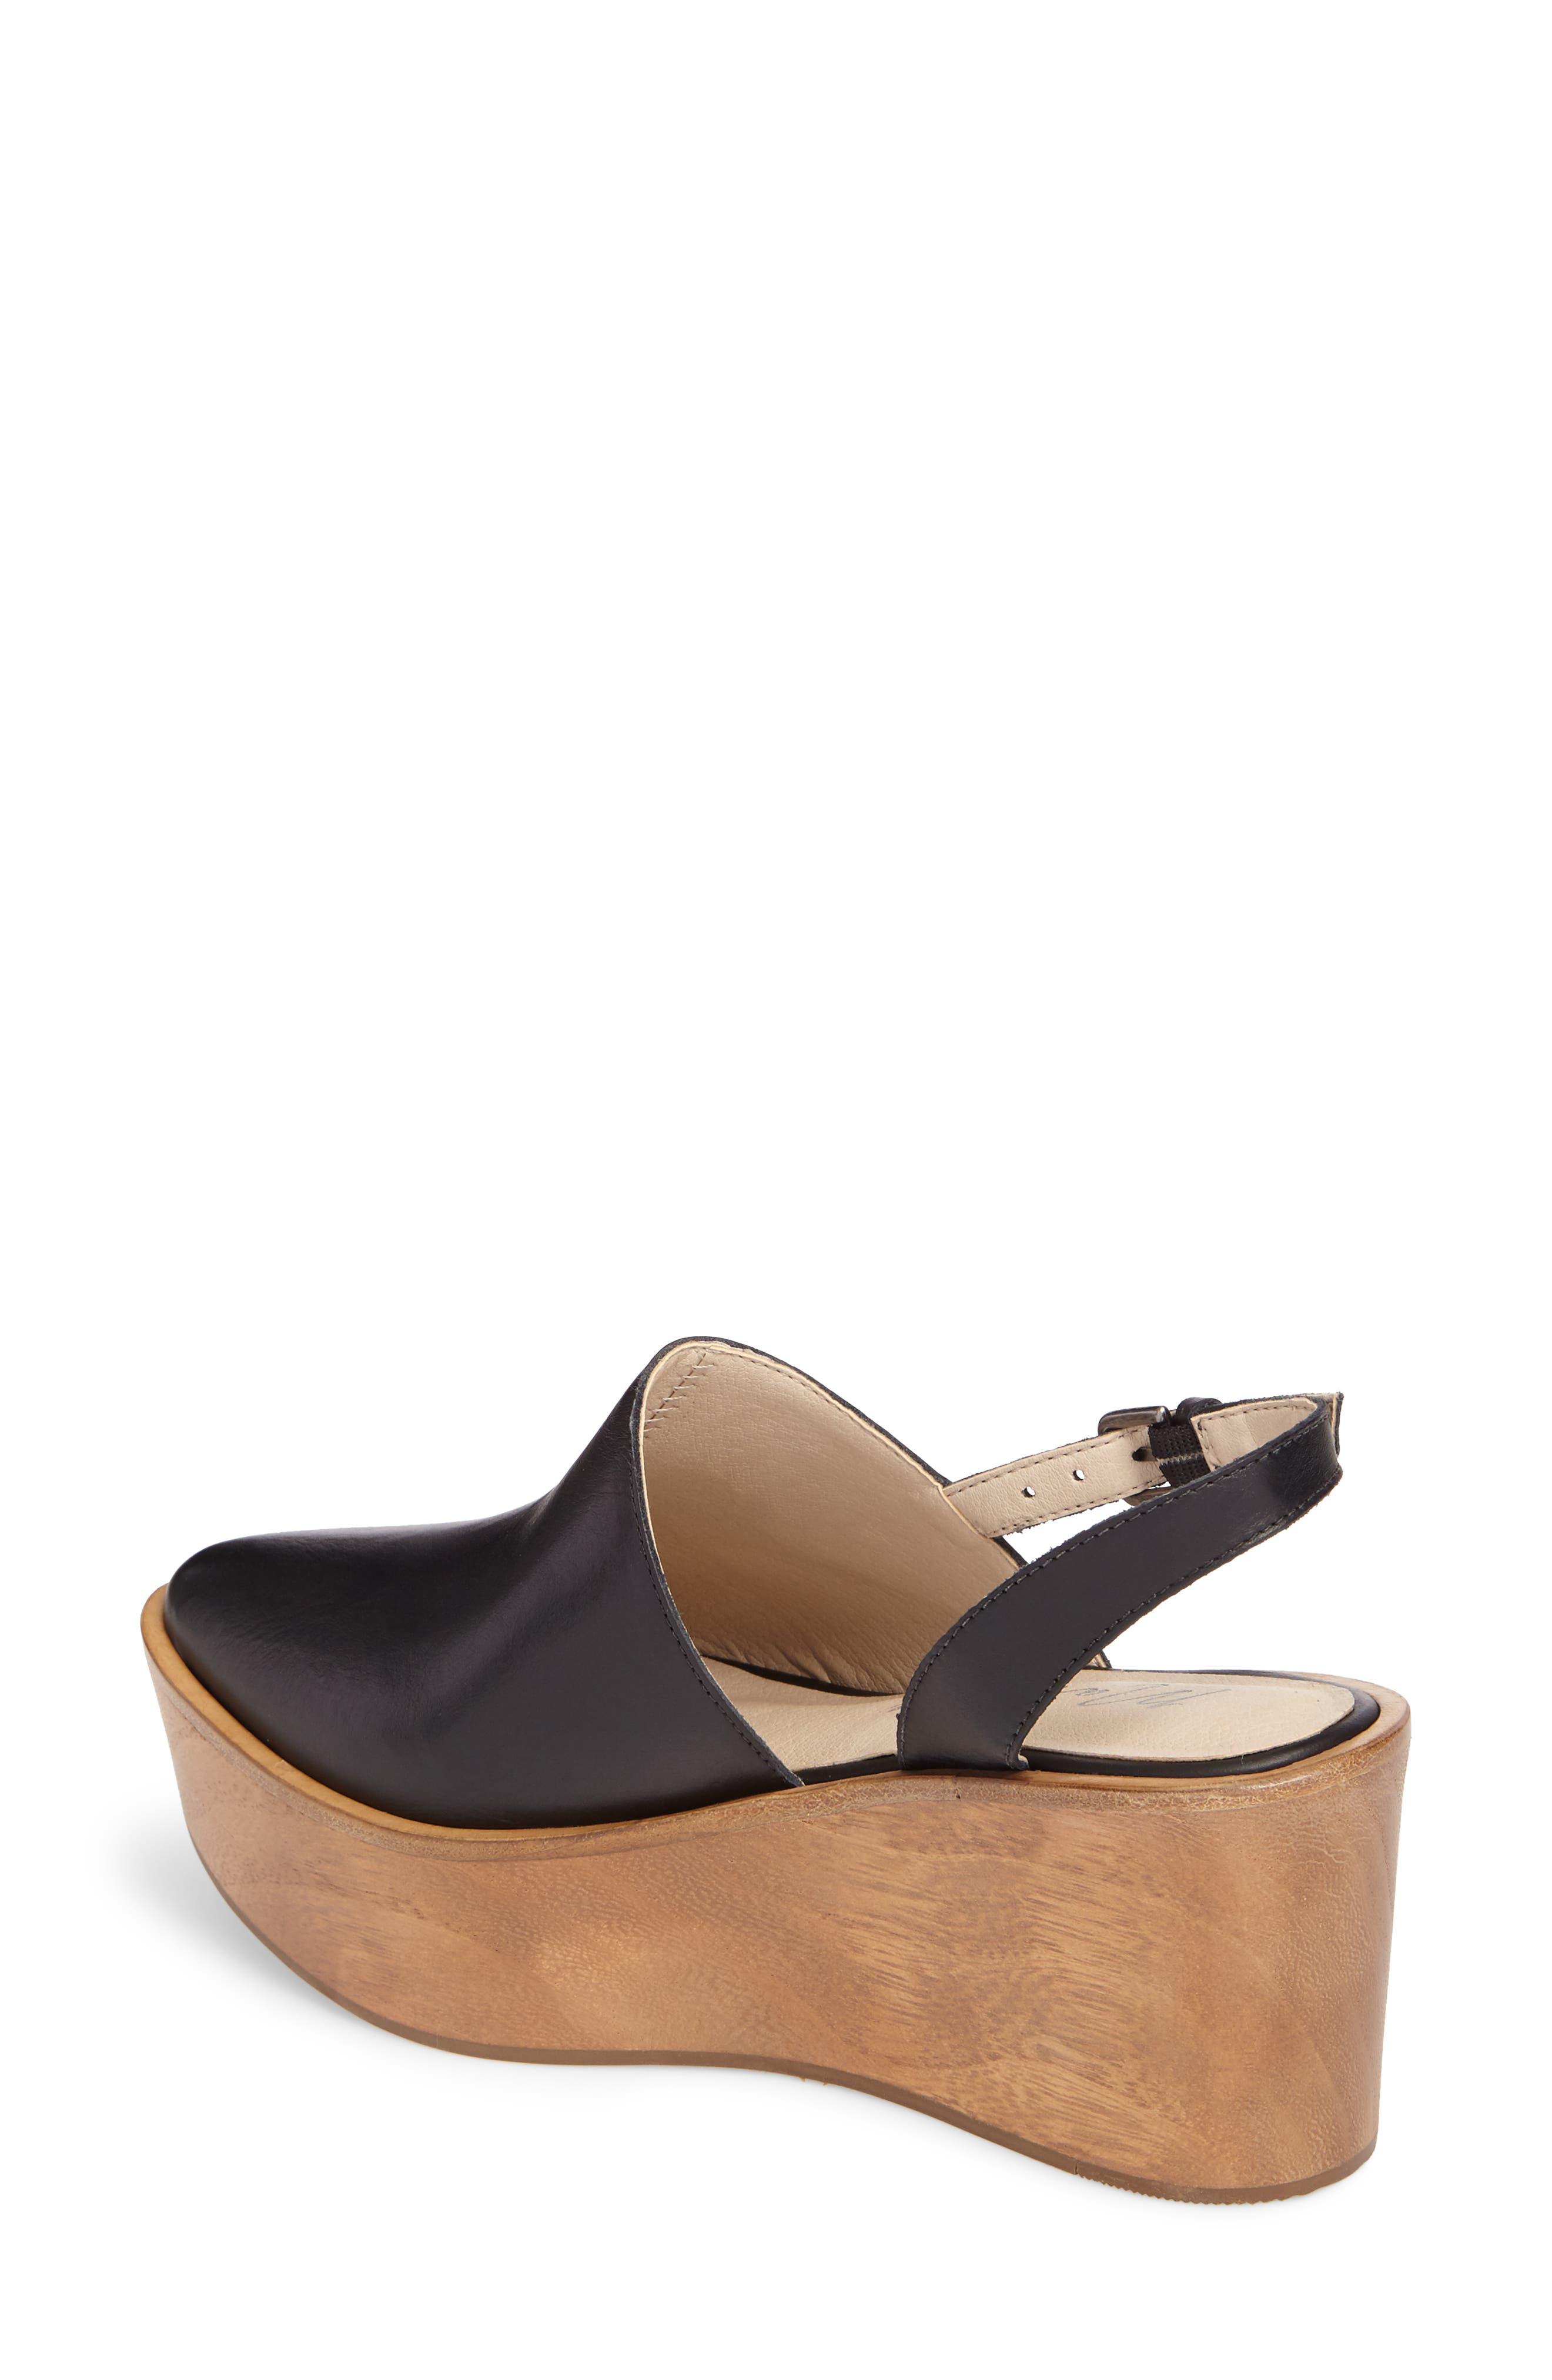 MATISSE,                             Eyals Slingback Platform Wedge Sandal,                             Alternate thumbnail 2, color,                             001